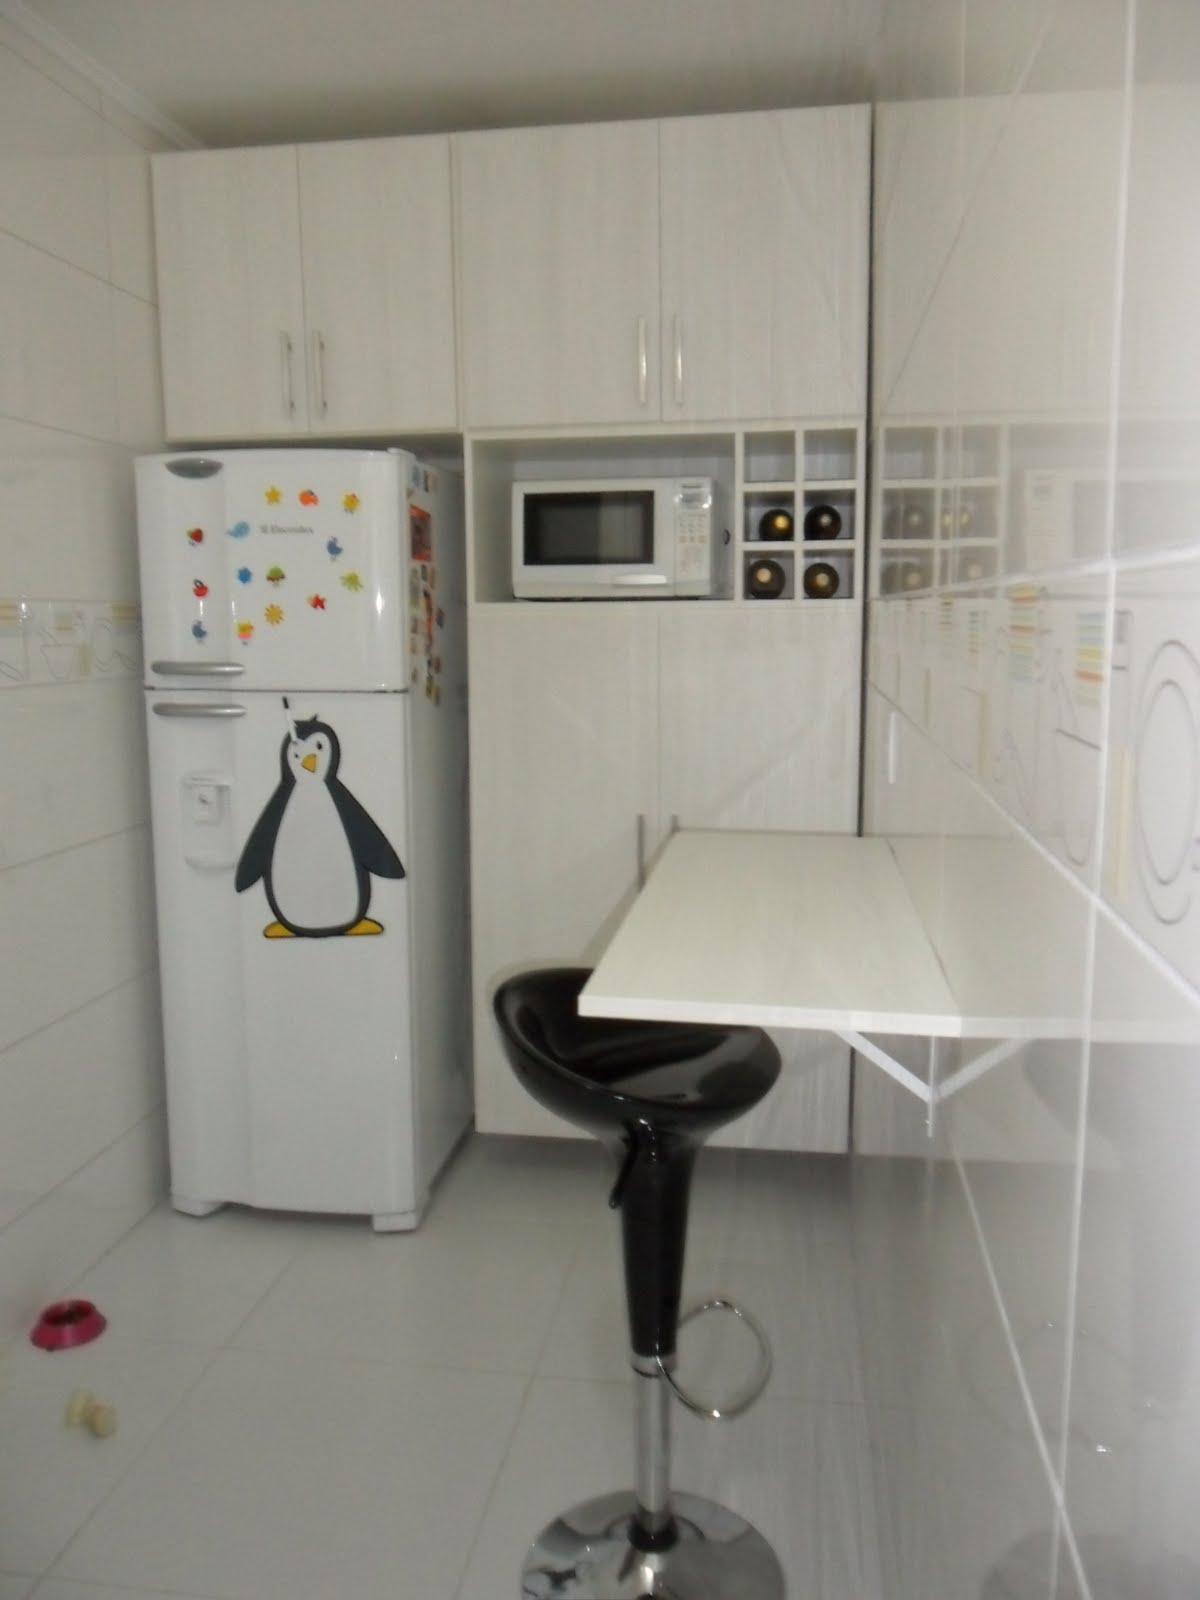 Arquitetura: Cozinha e Banheiro de apartamento renovados!!! #446276 1200 1600